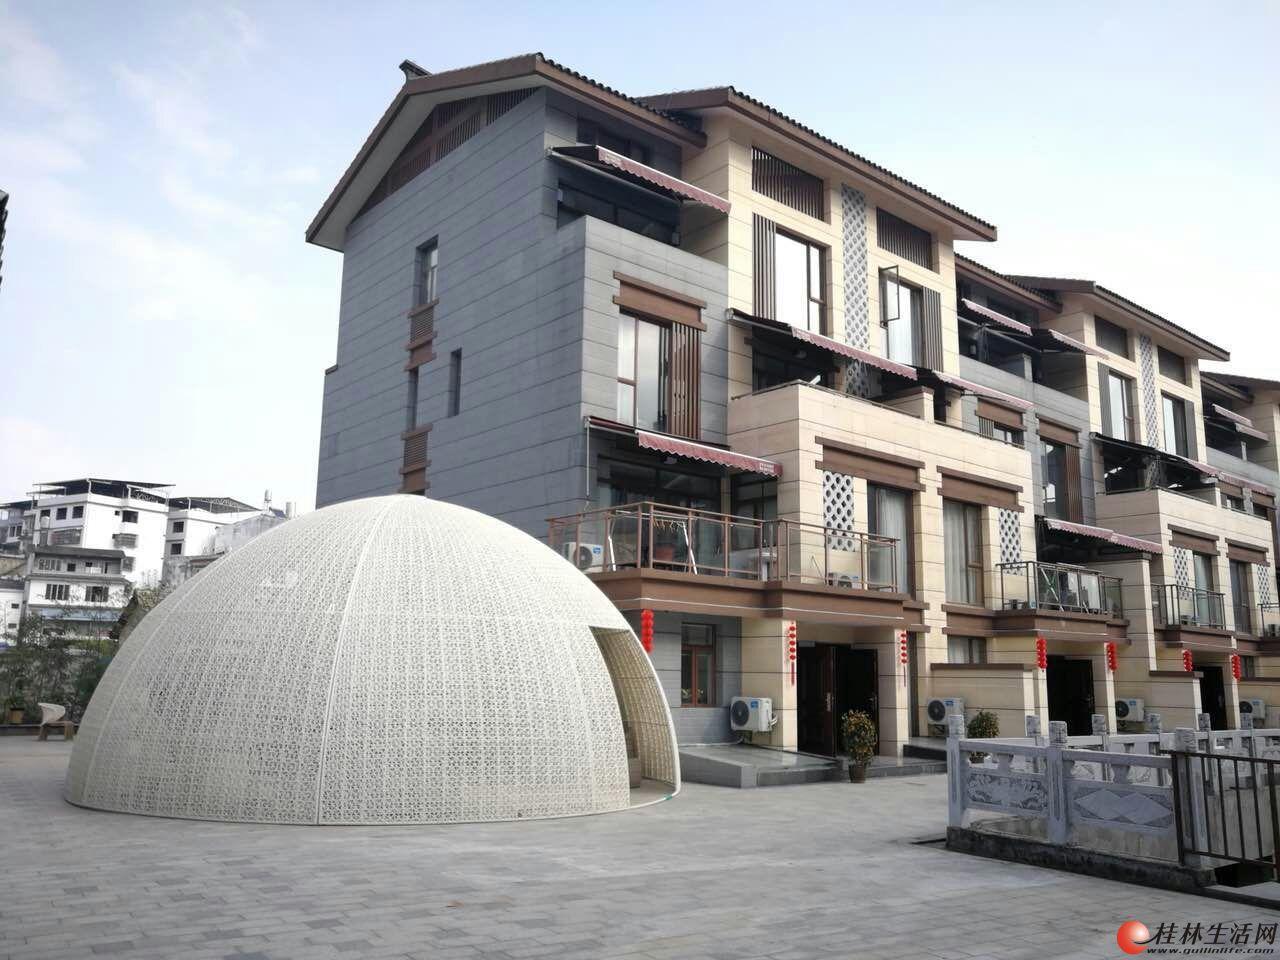 阳朔爱家港湾度假公寓,三月三,五一节,订房开始啦